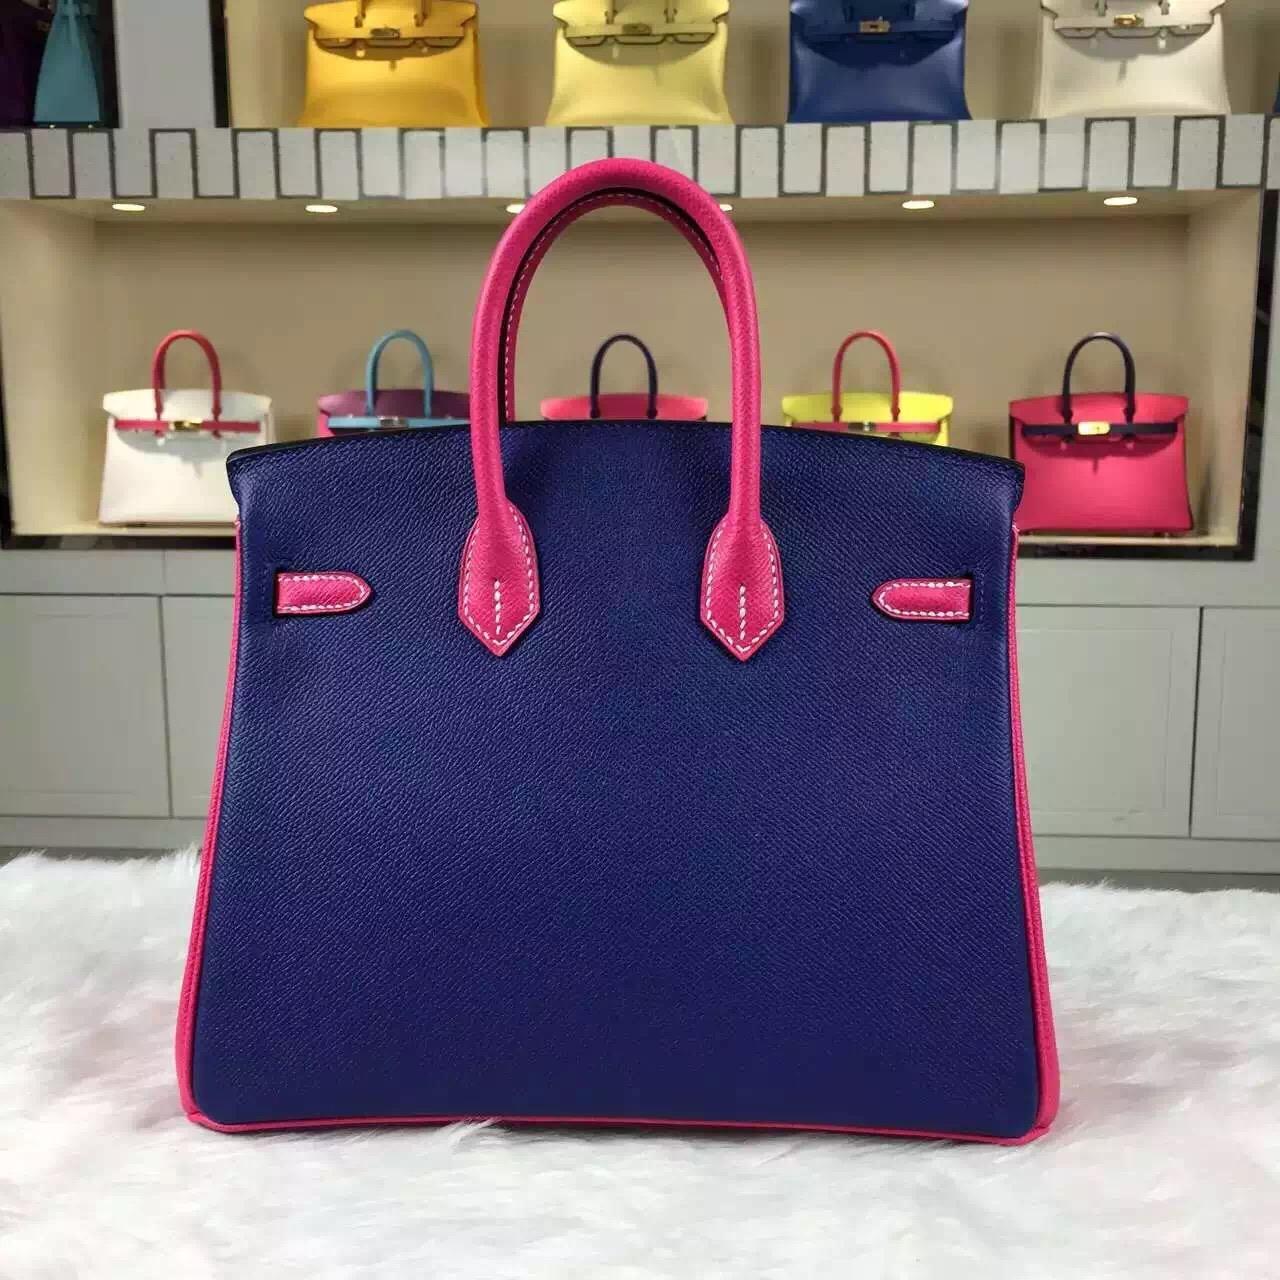 Hermes Color-blocking France Epsom Leather Birkin25cm Women's Tote Bag